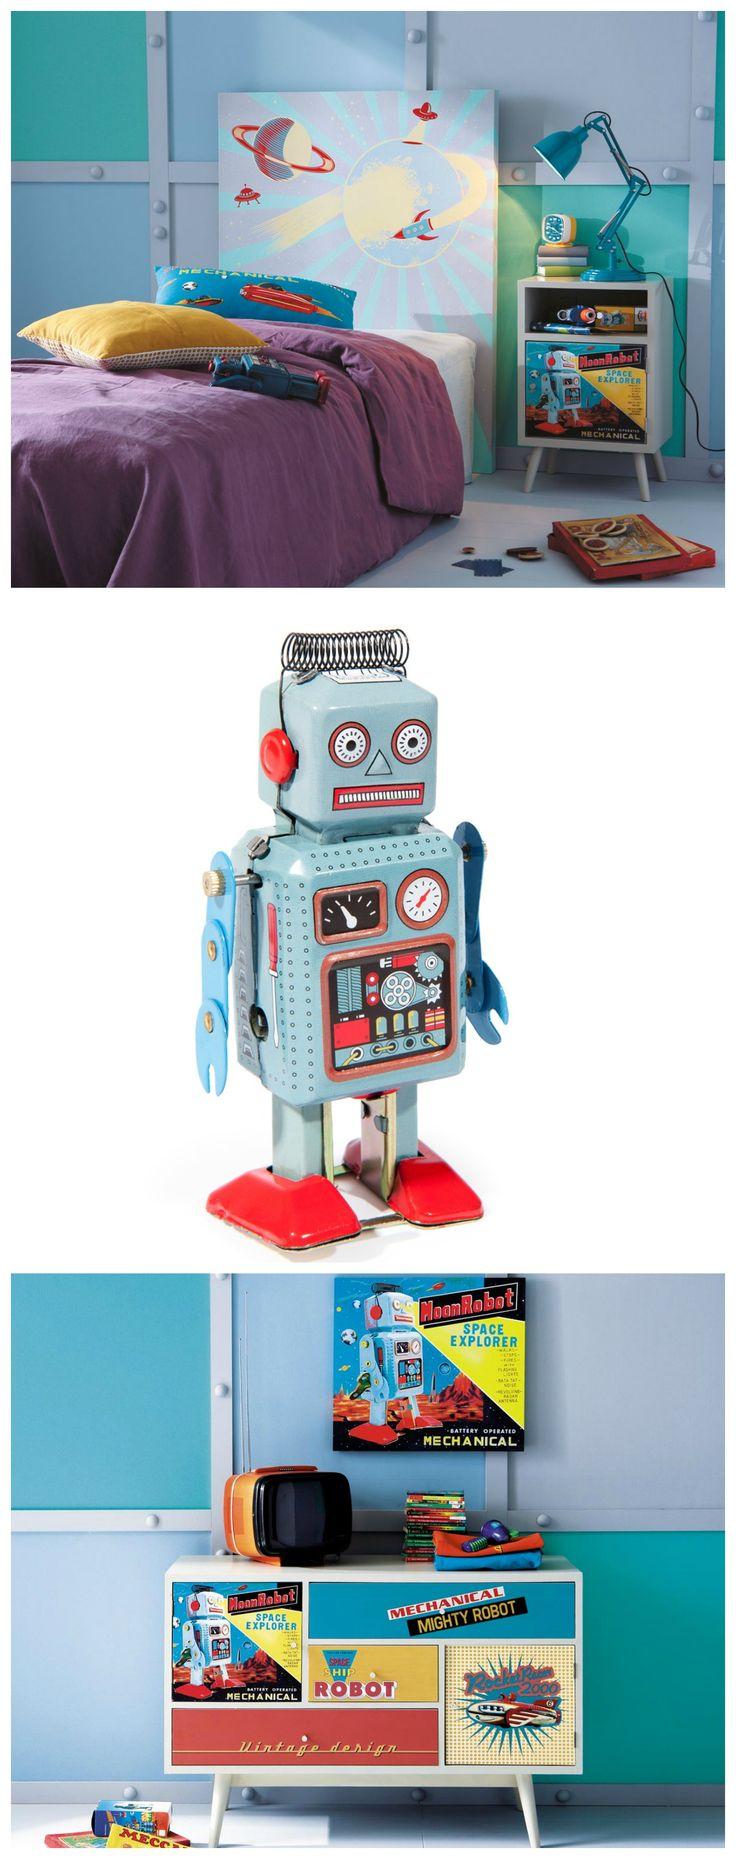 Déco chambre enfant - Thème robot/vintage